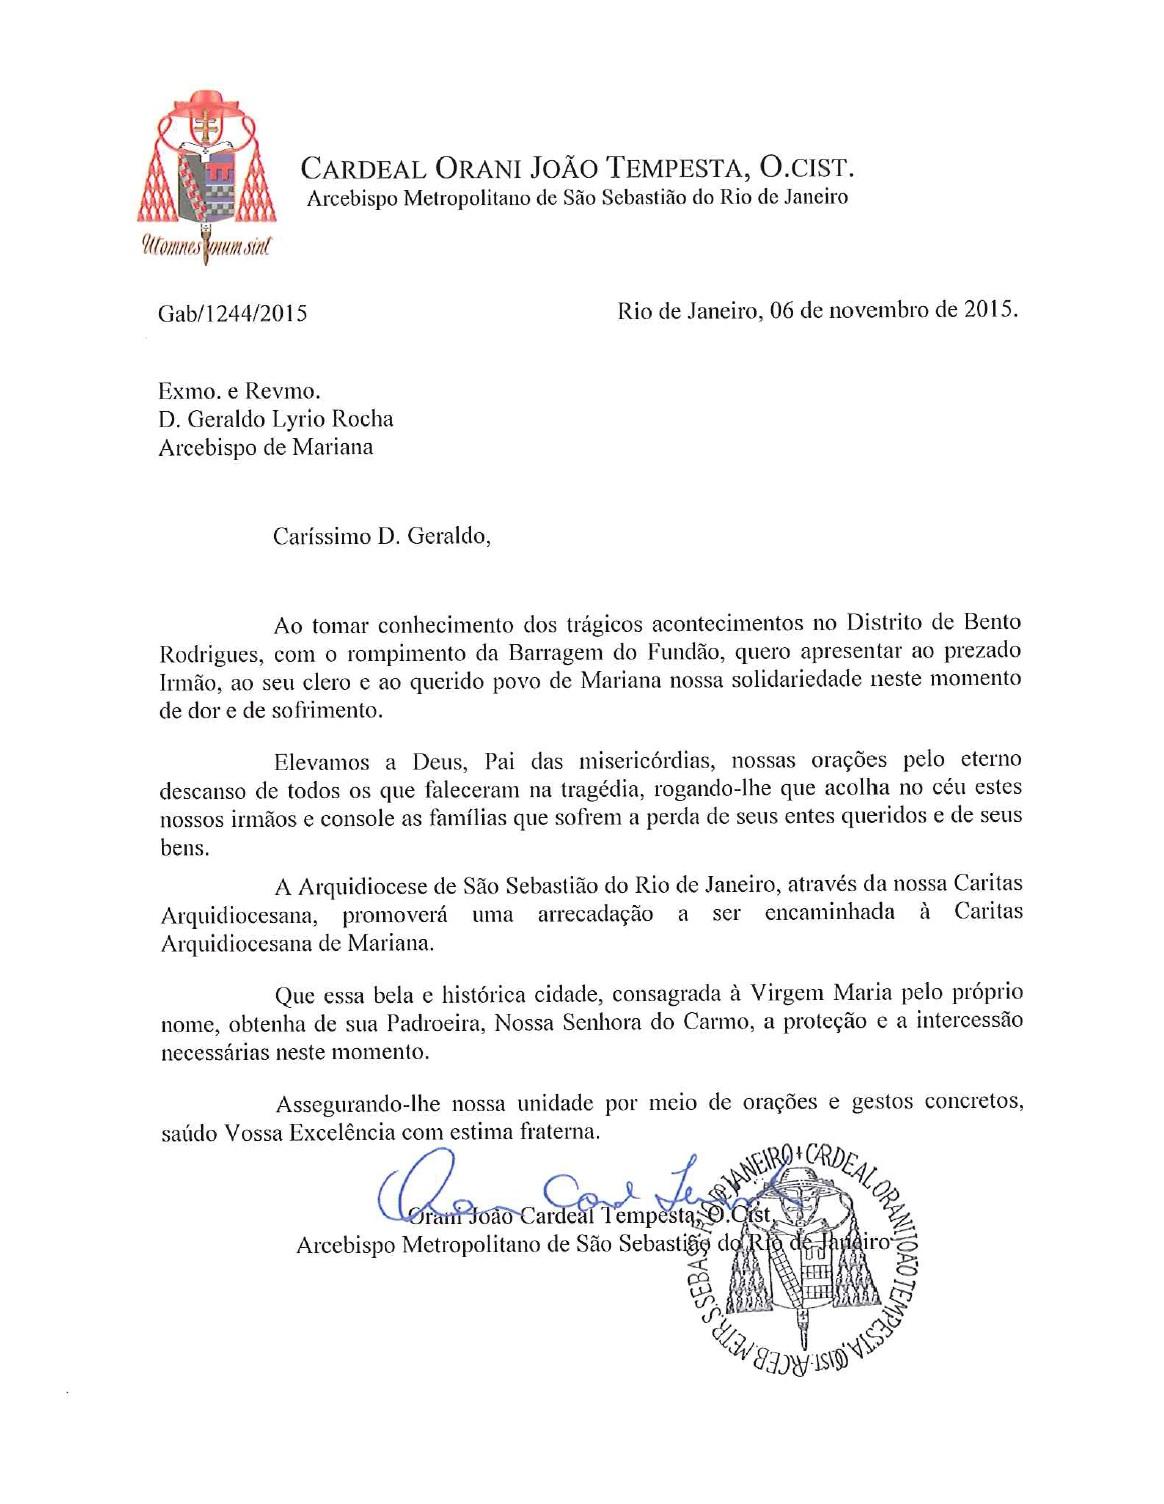 Carta_de_Dom_Orani_a_Dom_Geraldo_Lyrio_09112015144545